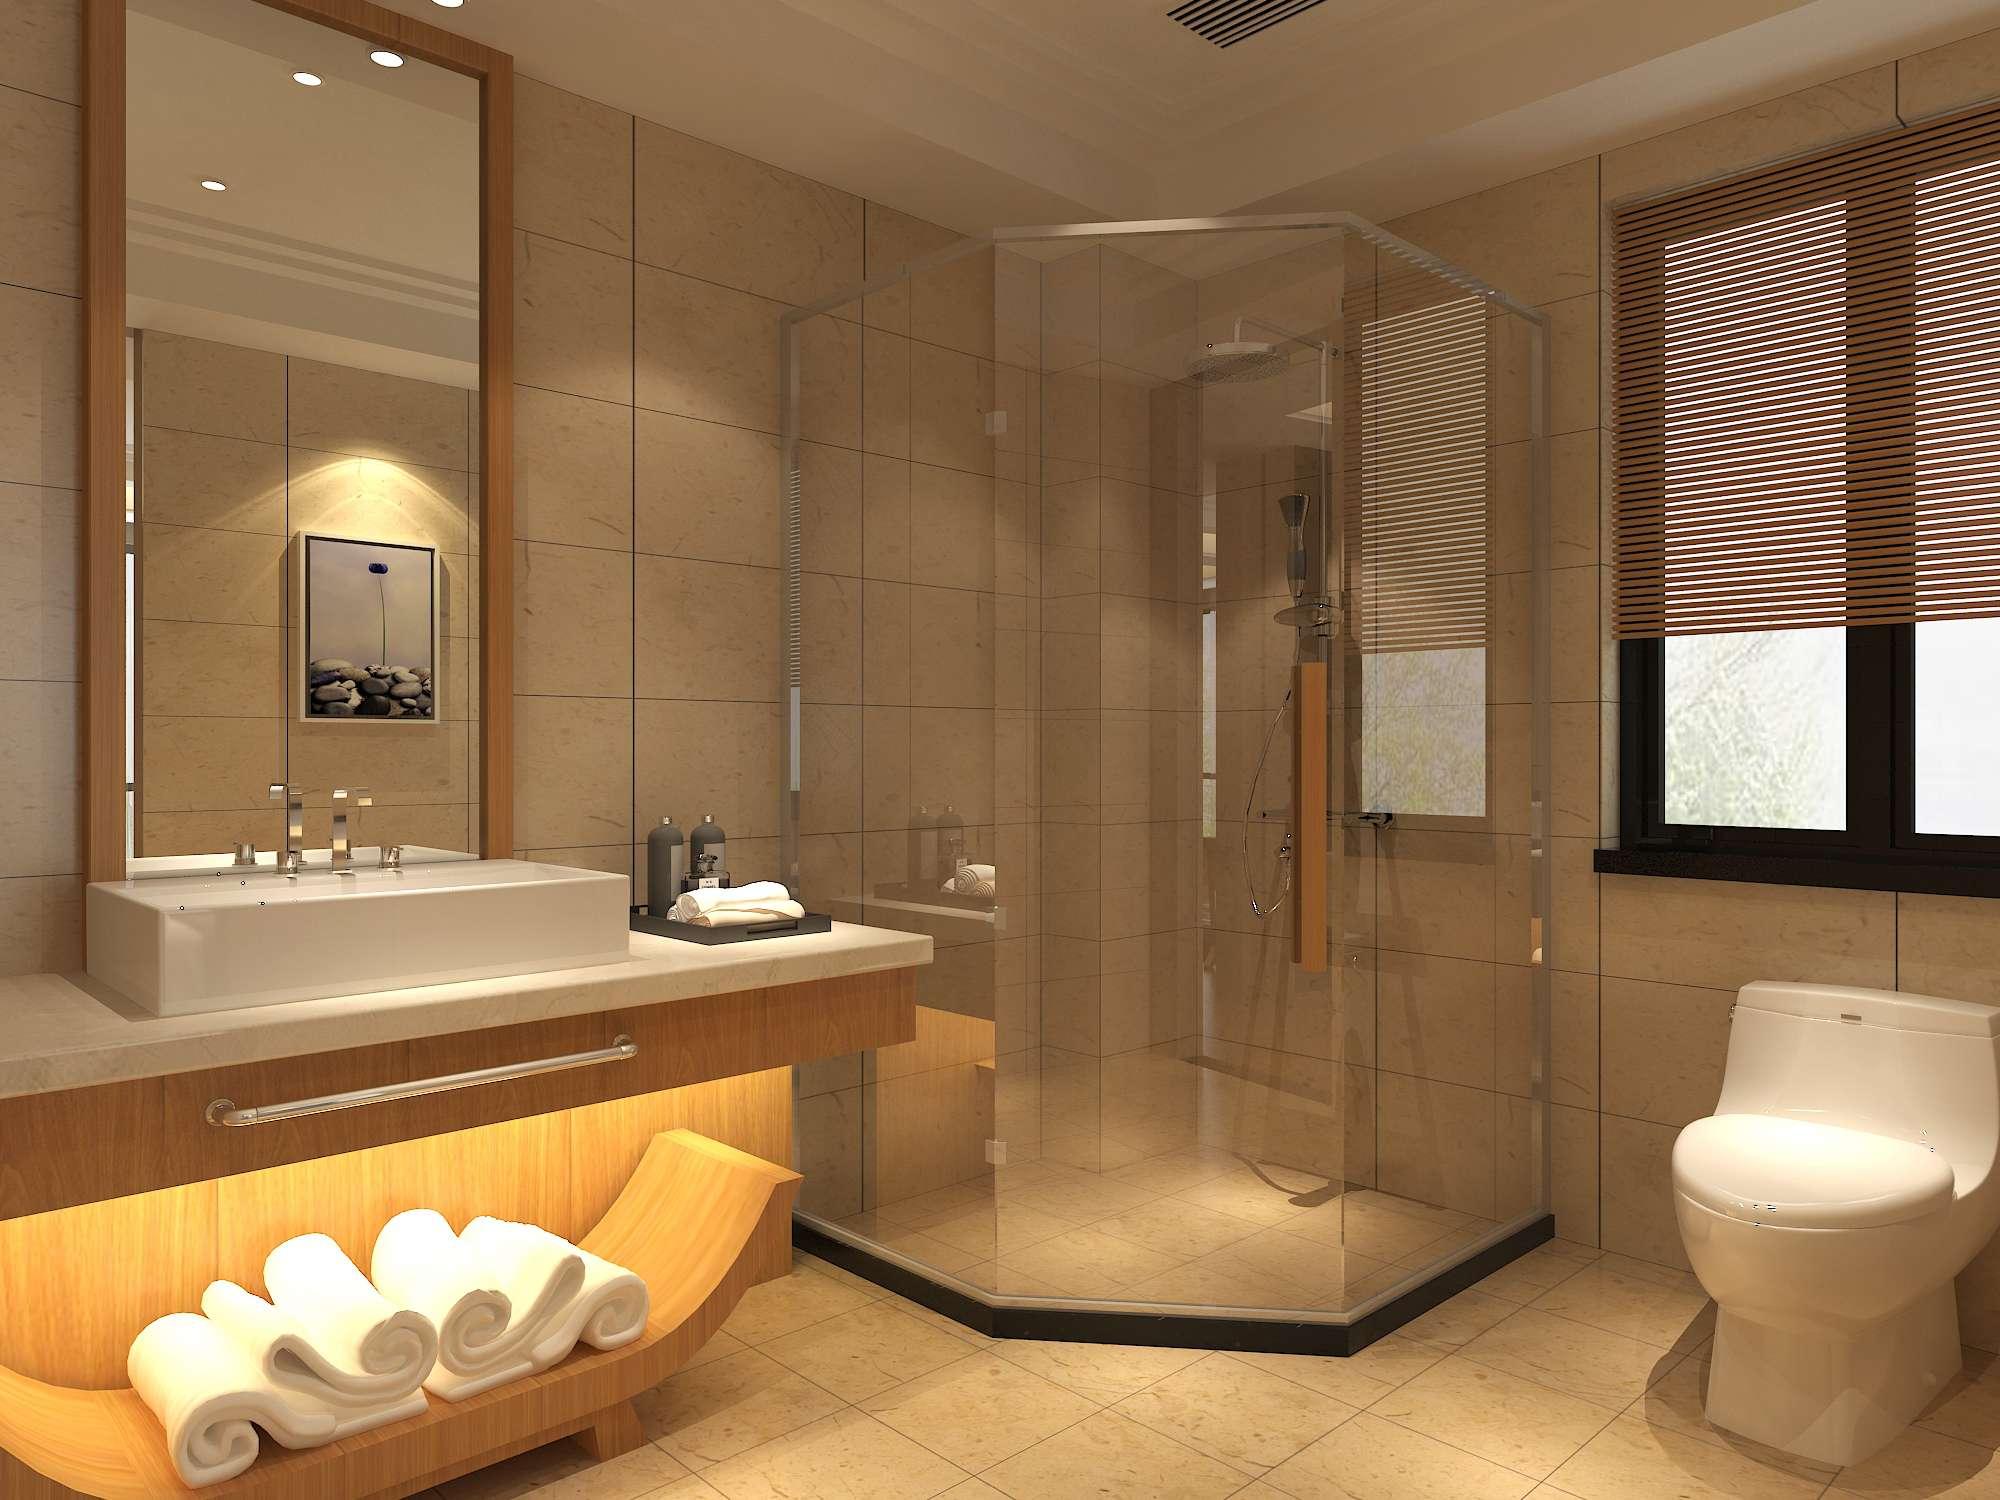 冬季来临,卫生间也是家中使用率最高的一个空间,特别是家中有老人和小孩的。浴室装修设计虽然好看的外在很重要,但它的功能性才是装修的关键。浴室该怎么样装修设计才能更好的实现它的功能呢?浴室里面有很多安全隐患要考虑,比如说地板是不是防滑,热水器等用电安全吗。那么,怎么才能打造一个安全舒适的浴室空间呢?今天上海别墅装修小编就来给大家讲讲浴室装修设计的重点: